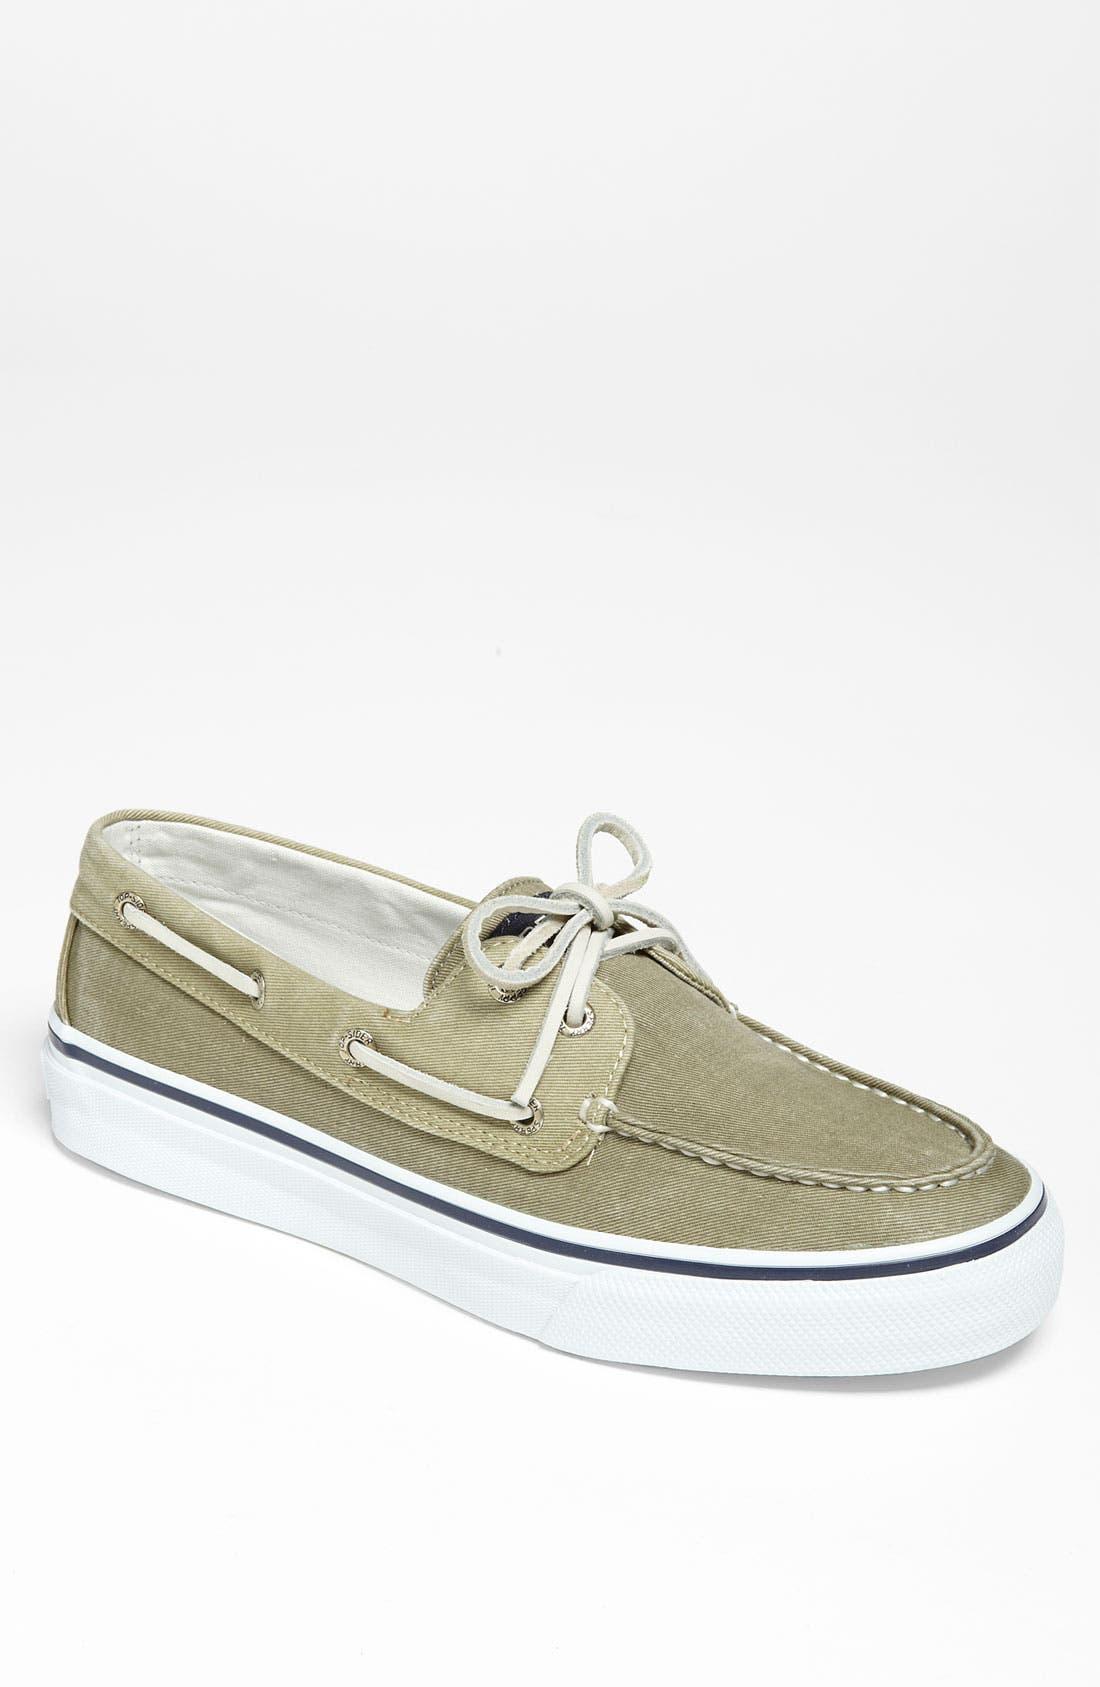 Top-Sider<sup>®</sup> 'Bahama' Boat Shoe,                             Main thumbnail 1, color,                             246